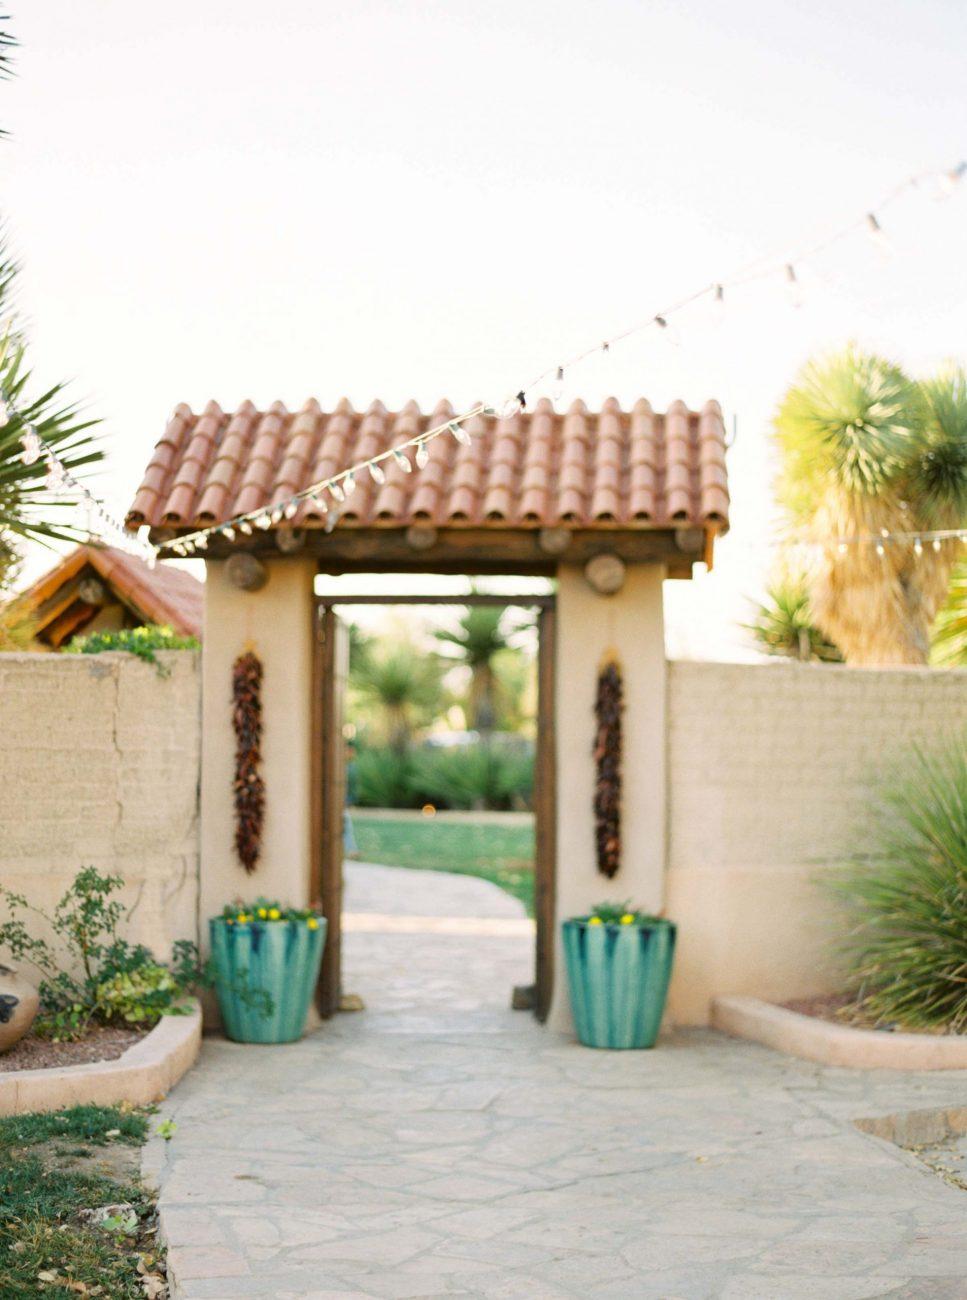 Gage Garden at Gage Hotel